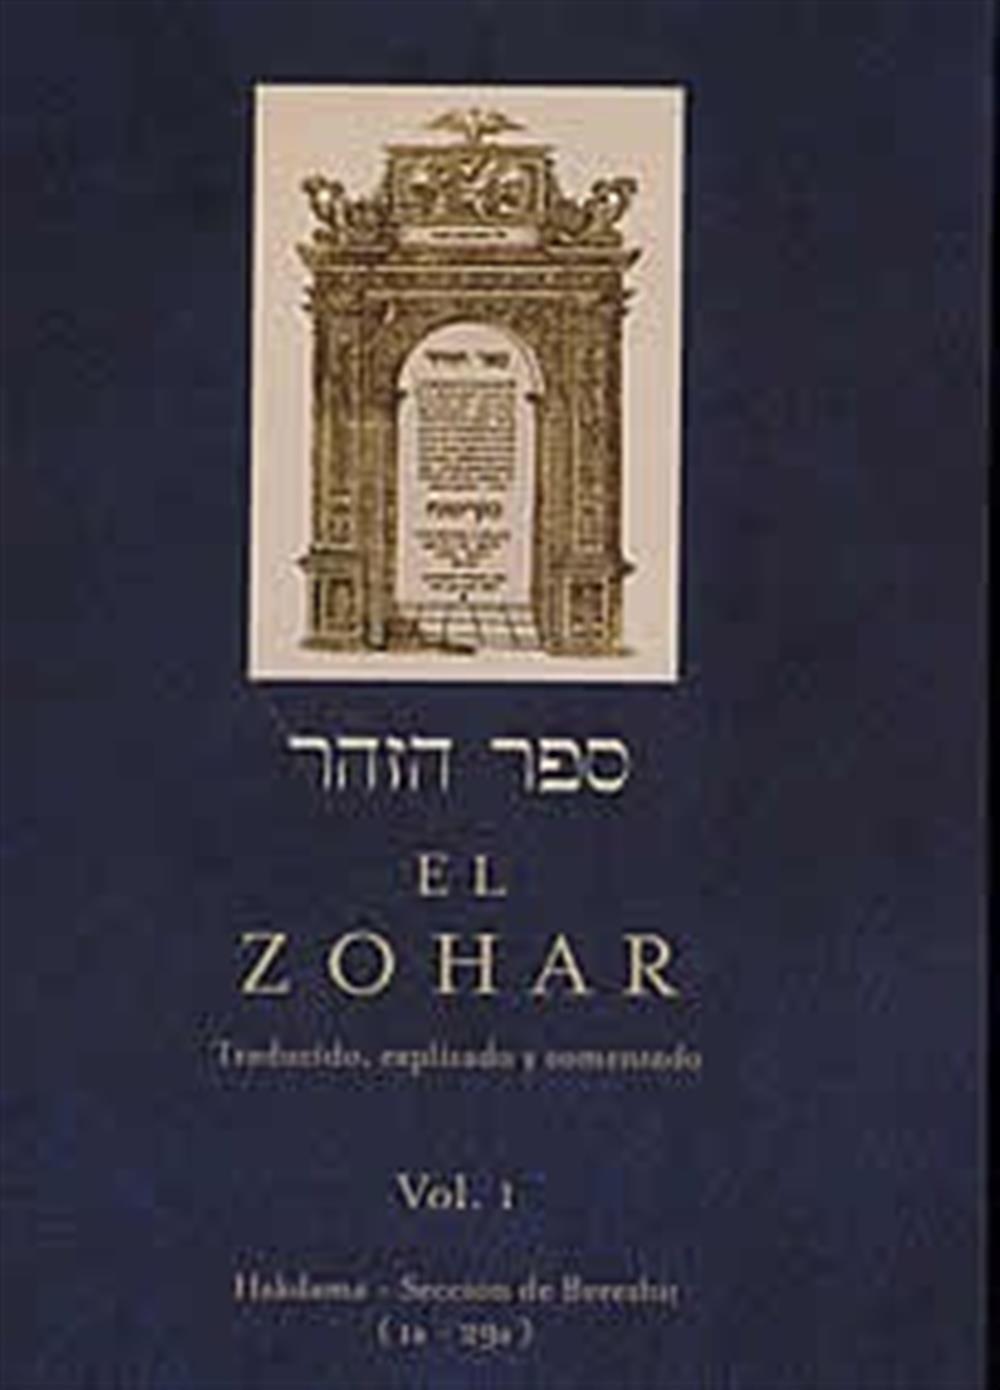 El Zohar-Vol-I-Hakdamá-Sección de Bereshit-(1a-291)